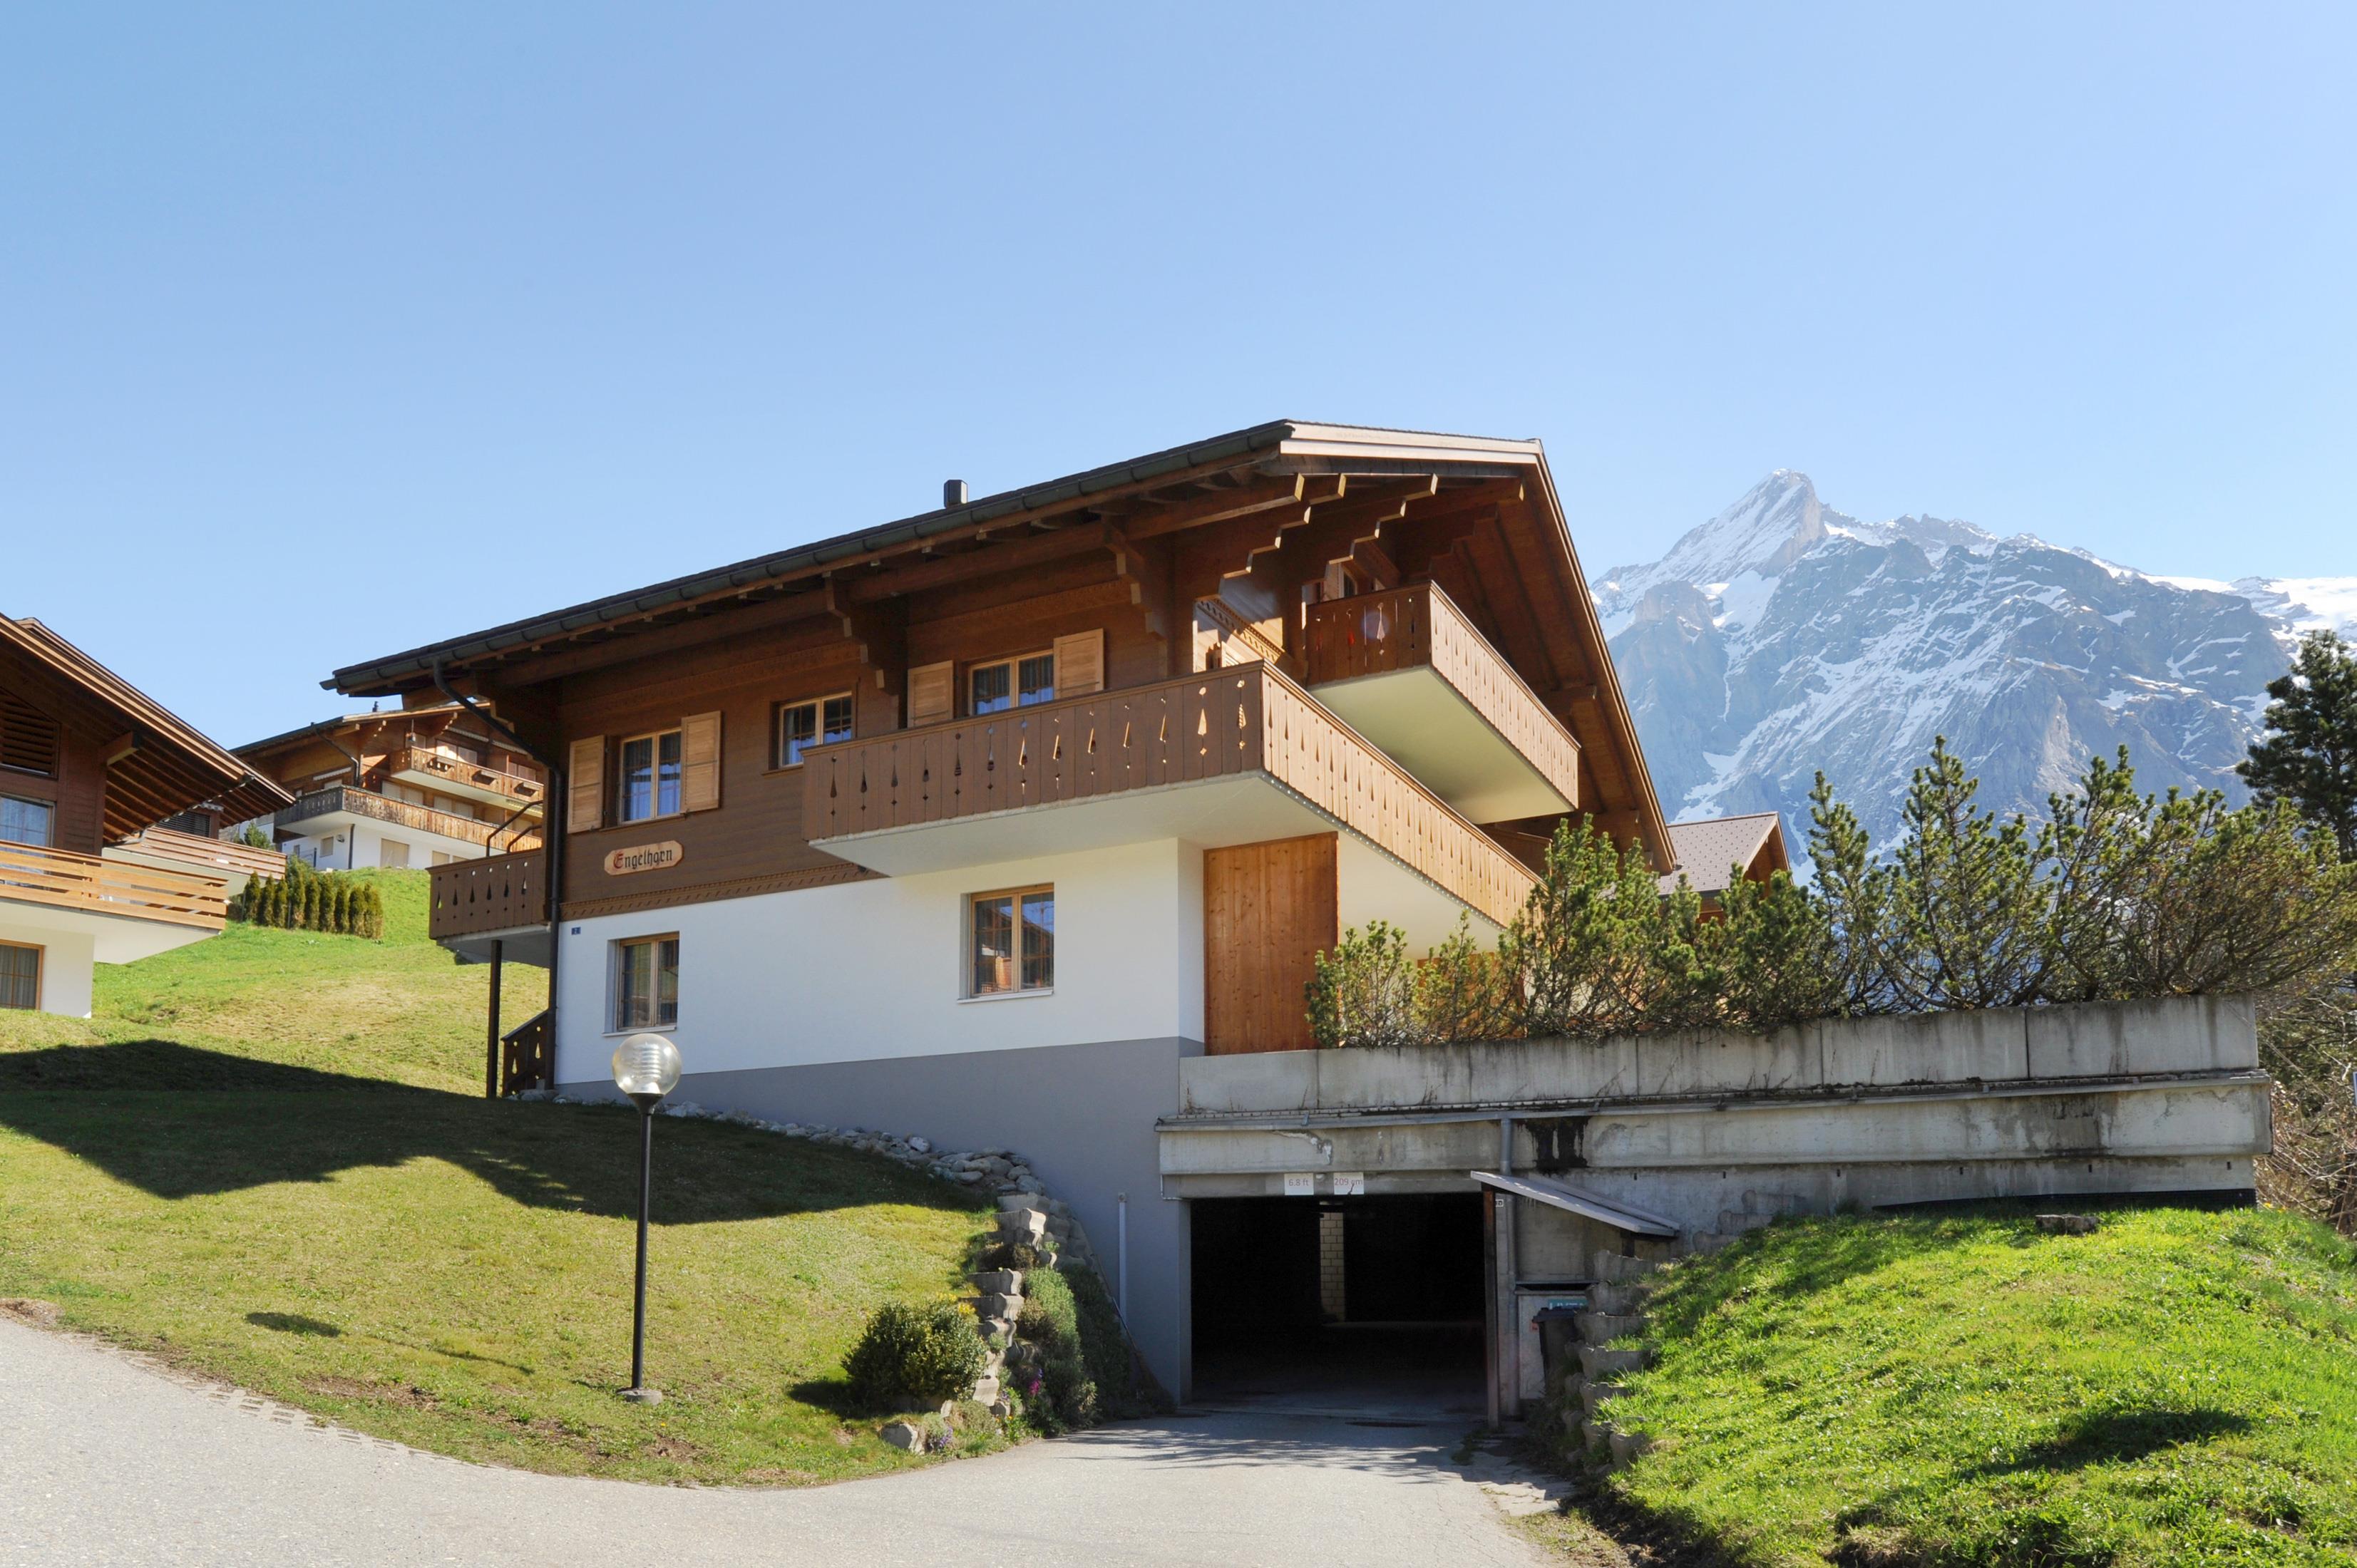 Appartement de vacances Furggenhorn App. 573 4 Bett Wohnung Obj. 4068 (2692219), Grindelwald, Région de la Jungfrau, Oberland bernois, Suisse, image 2